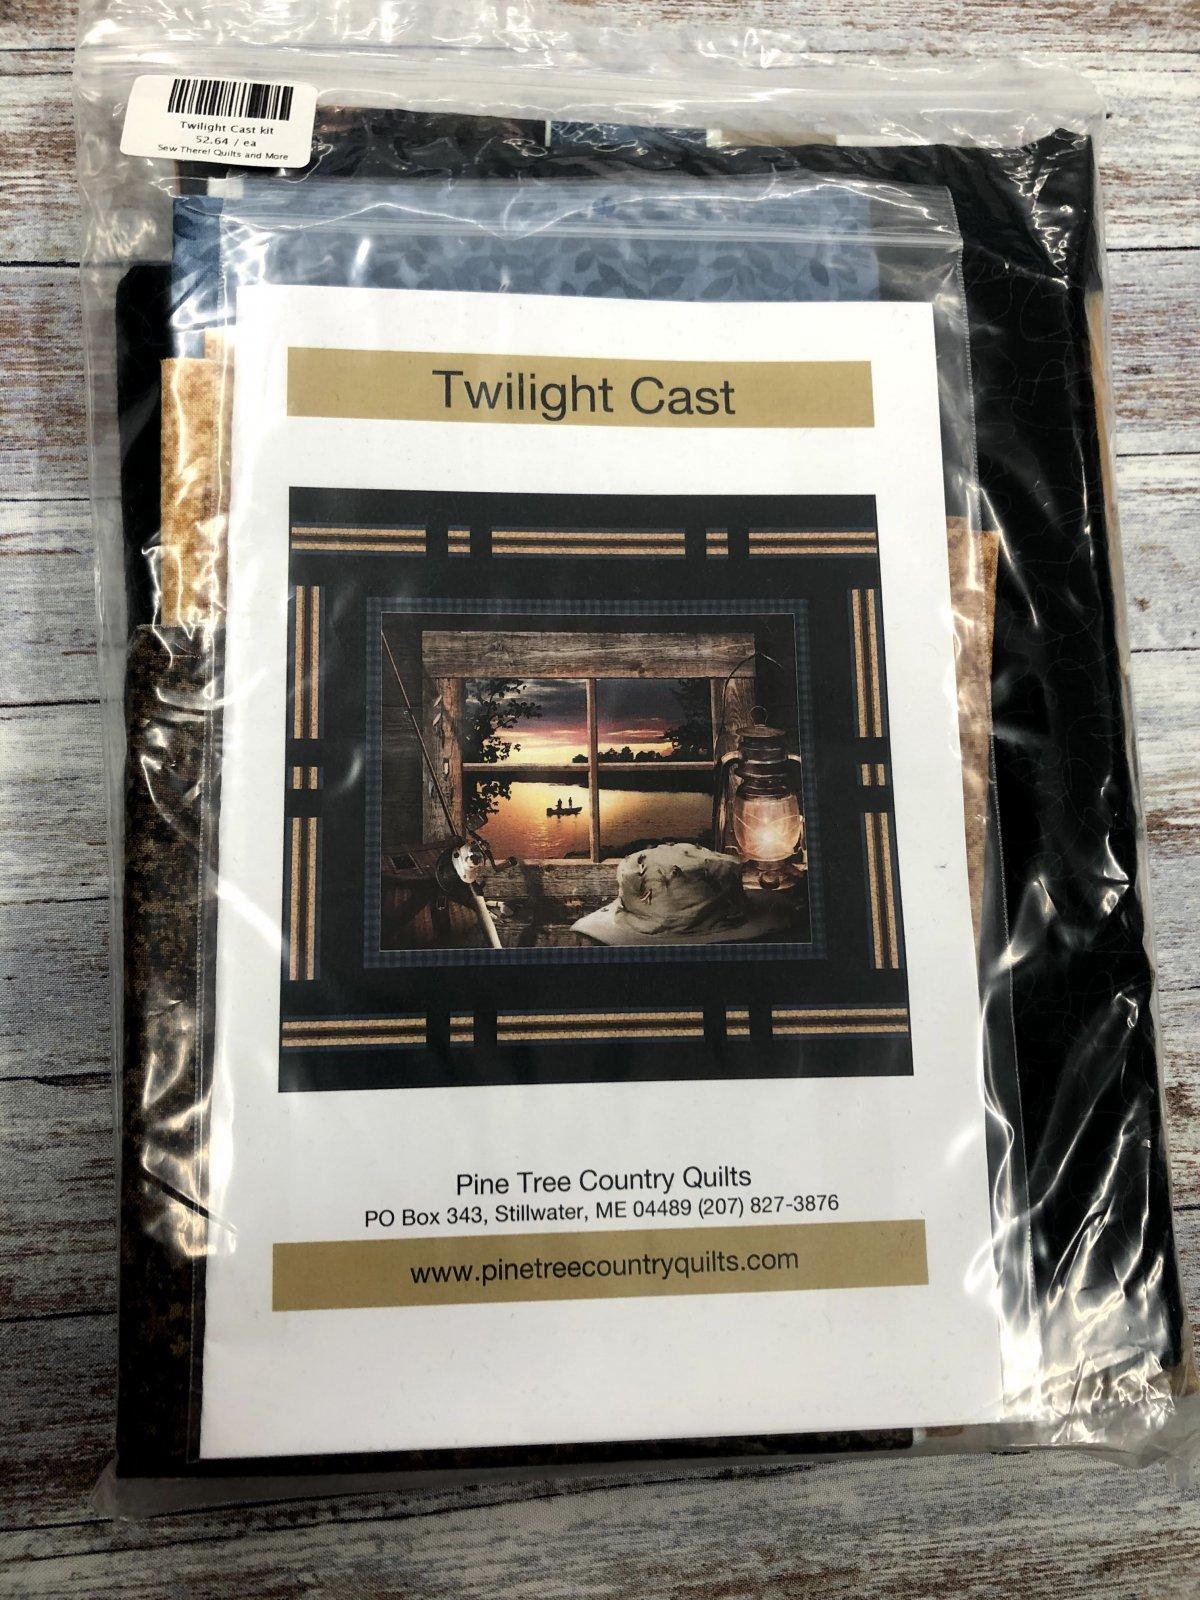 Twilight Cast kit